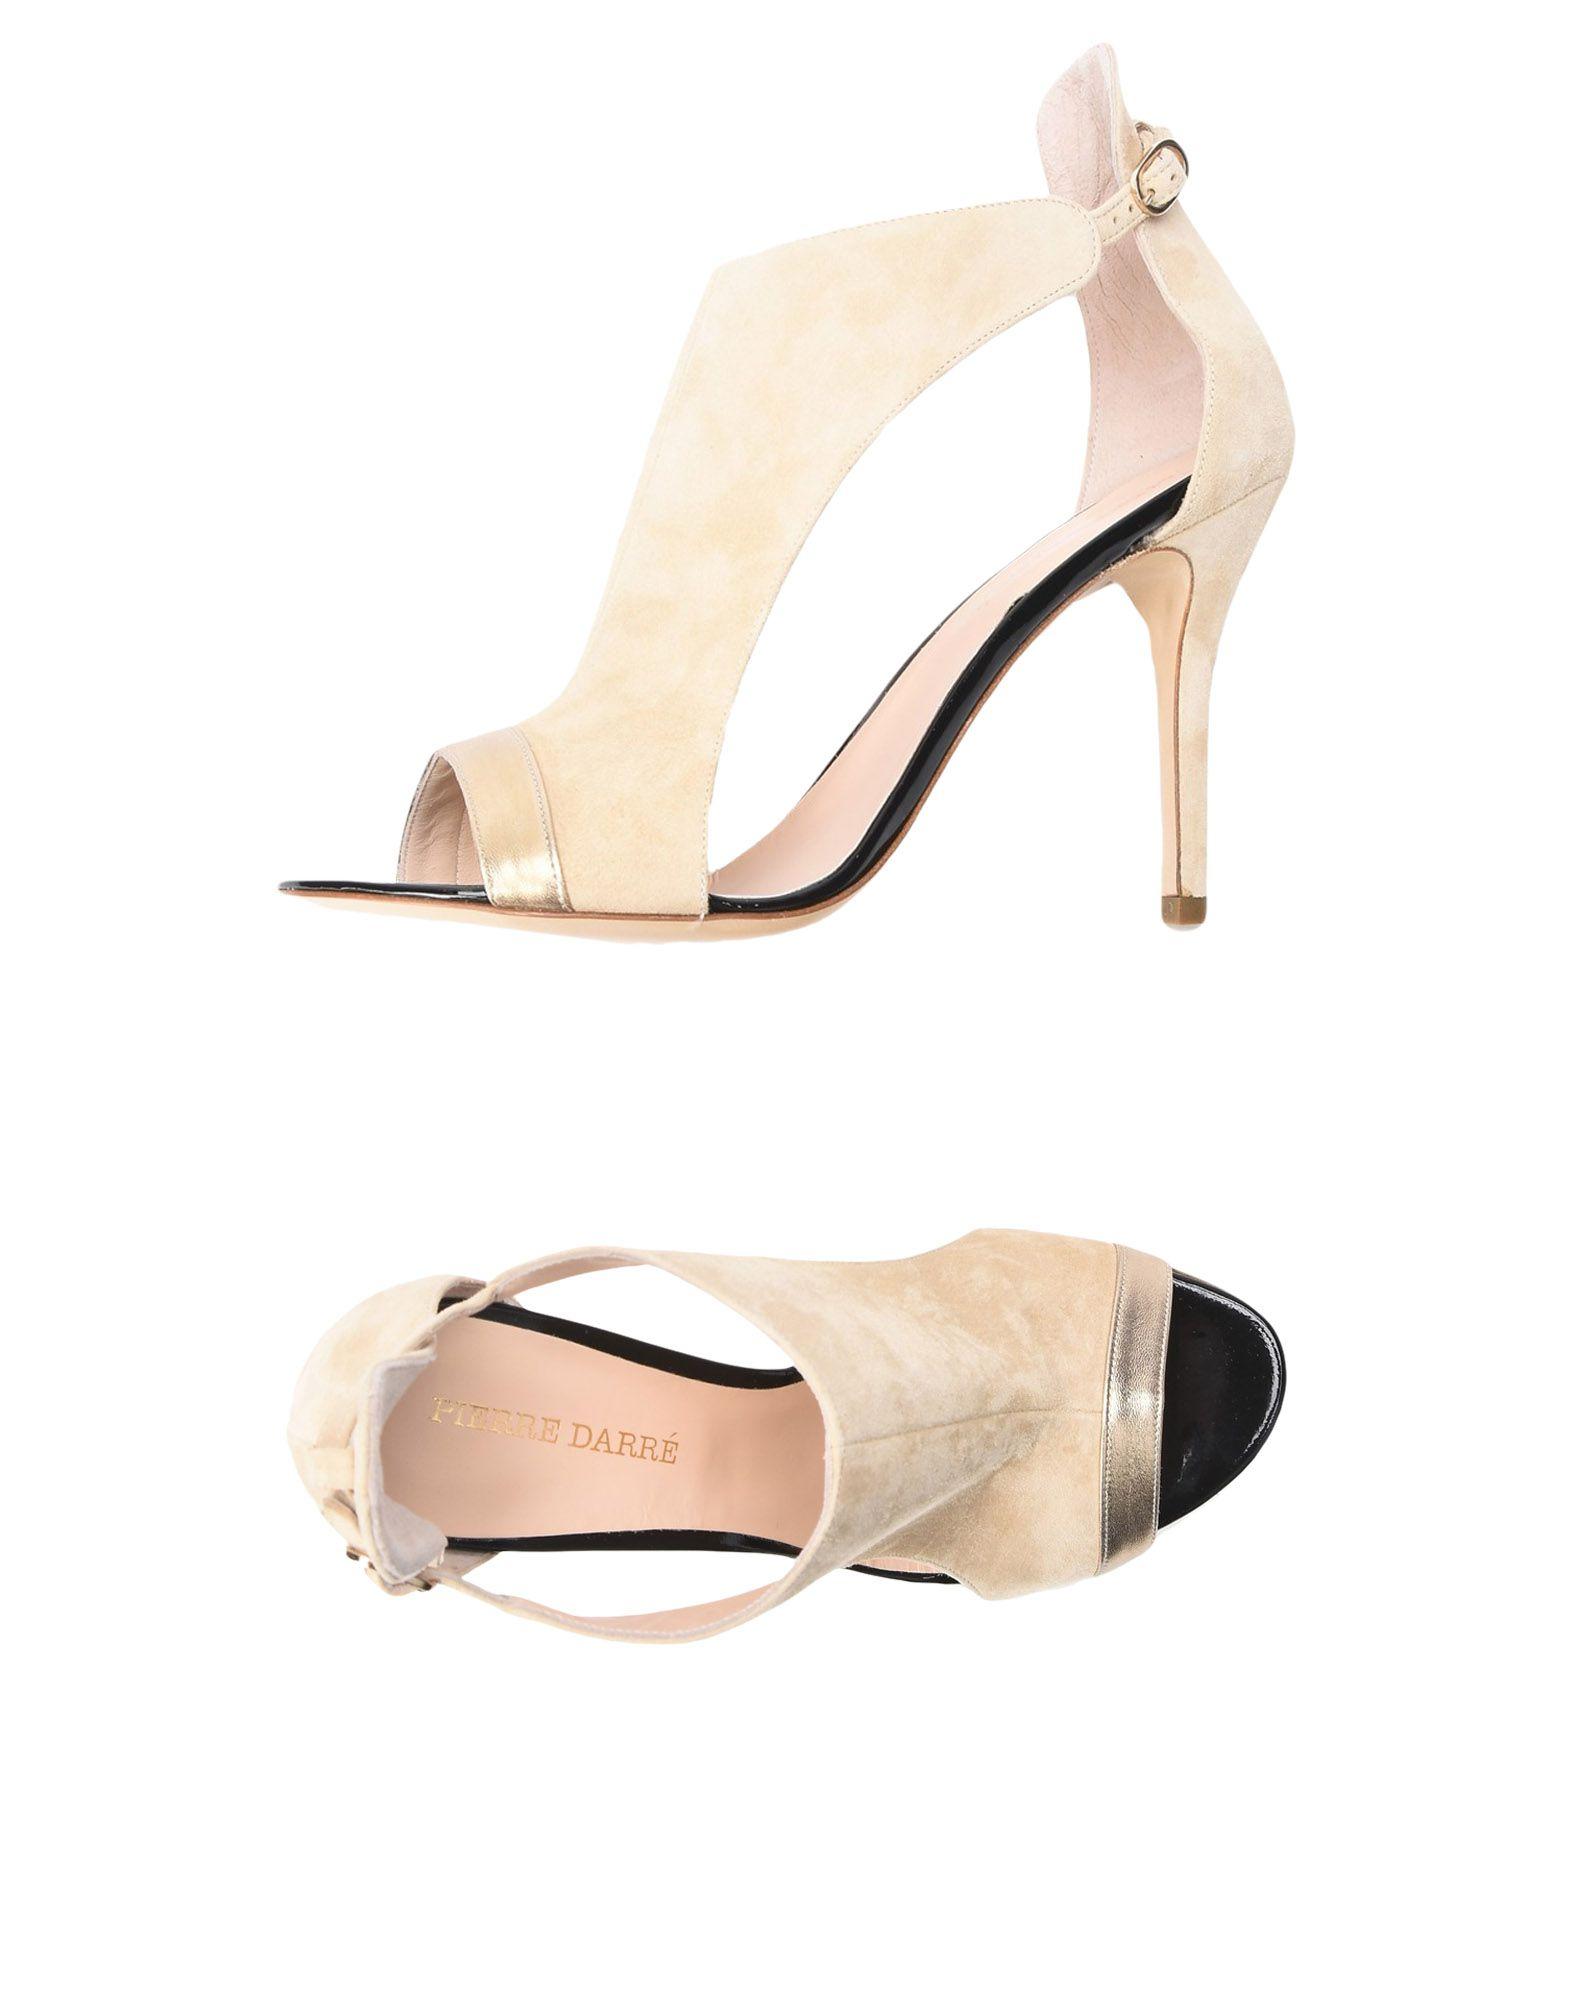 Pierre Darré Sandalen Damen  11244441JI Gute Qualität beliebte Schuhe